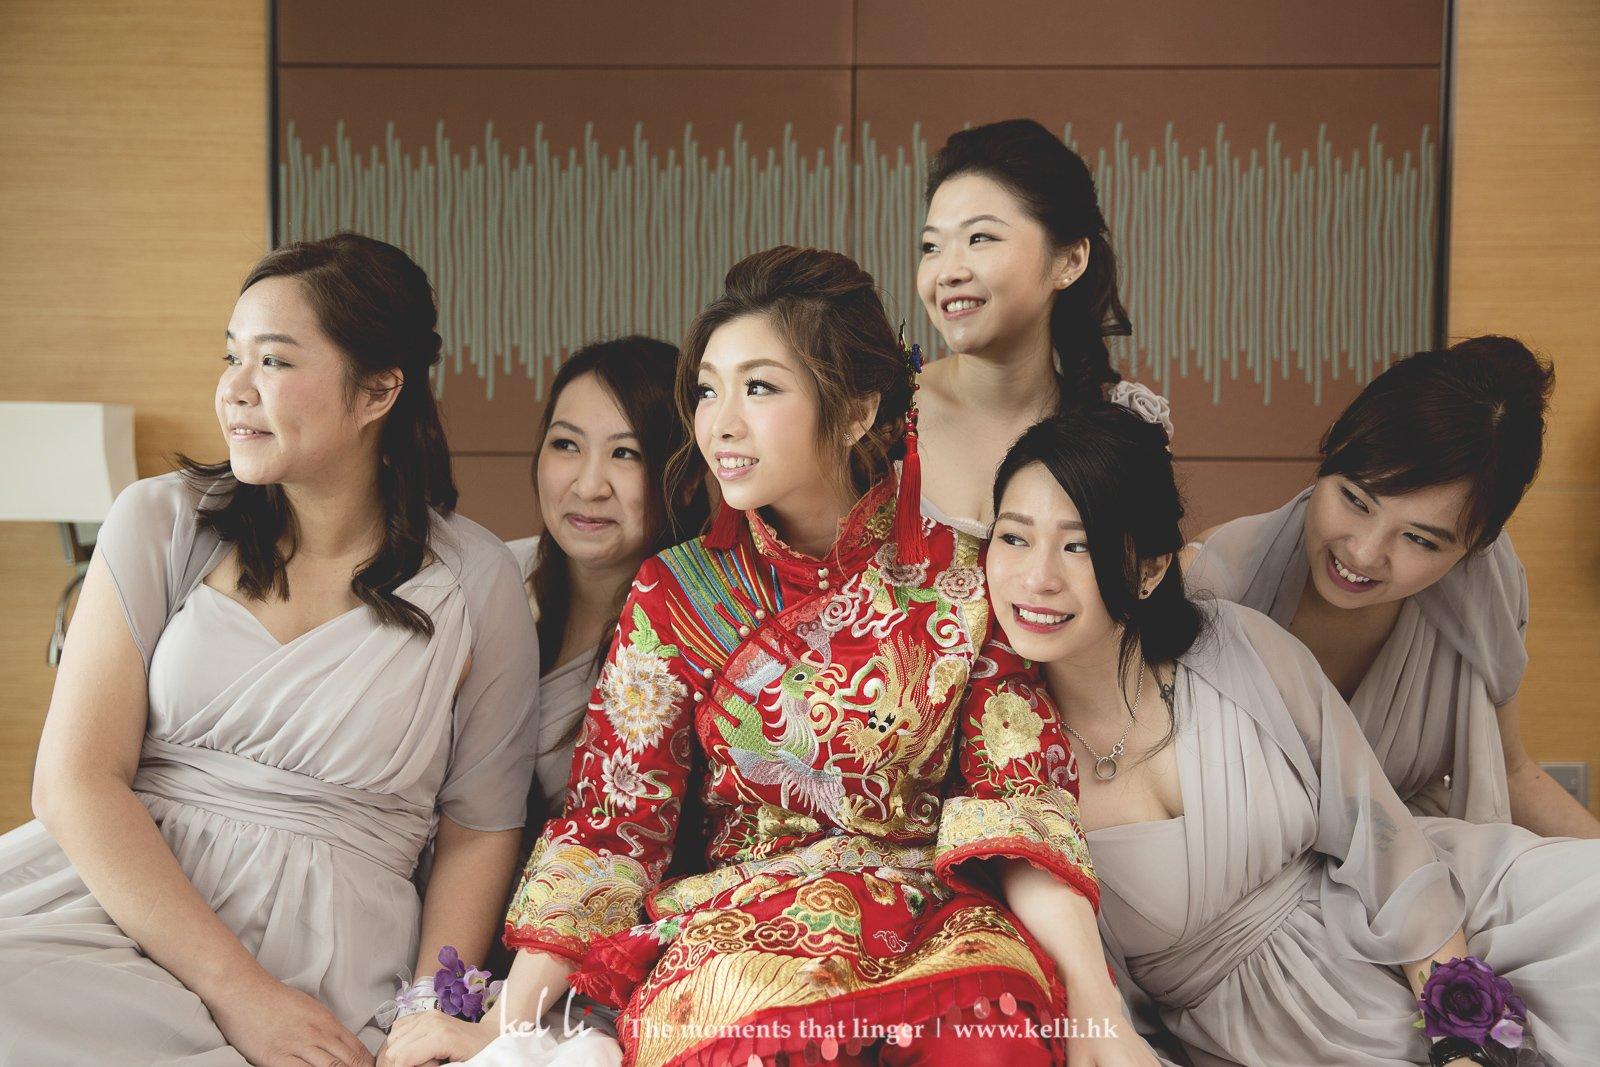 婚禮當然不可缺少姐妹合照